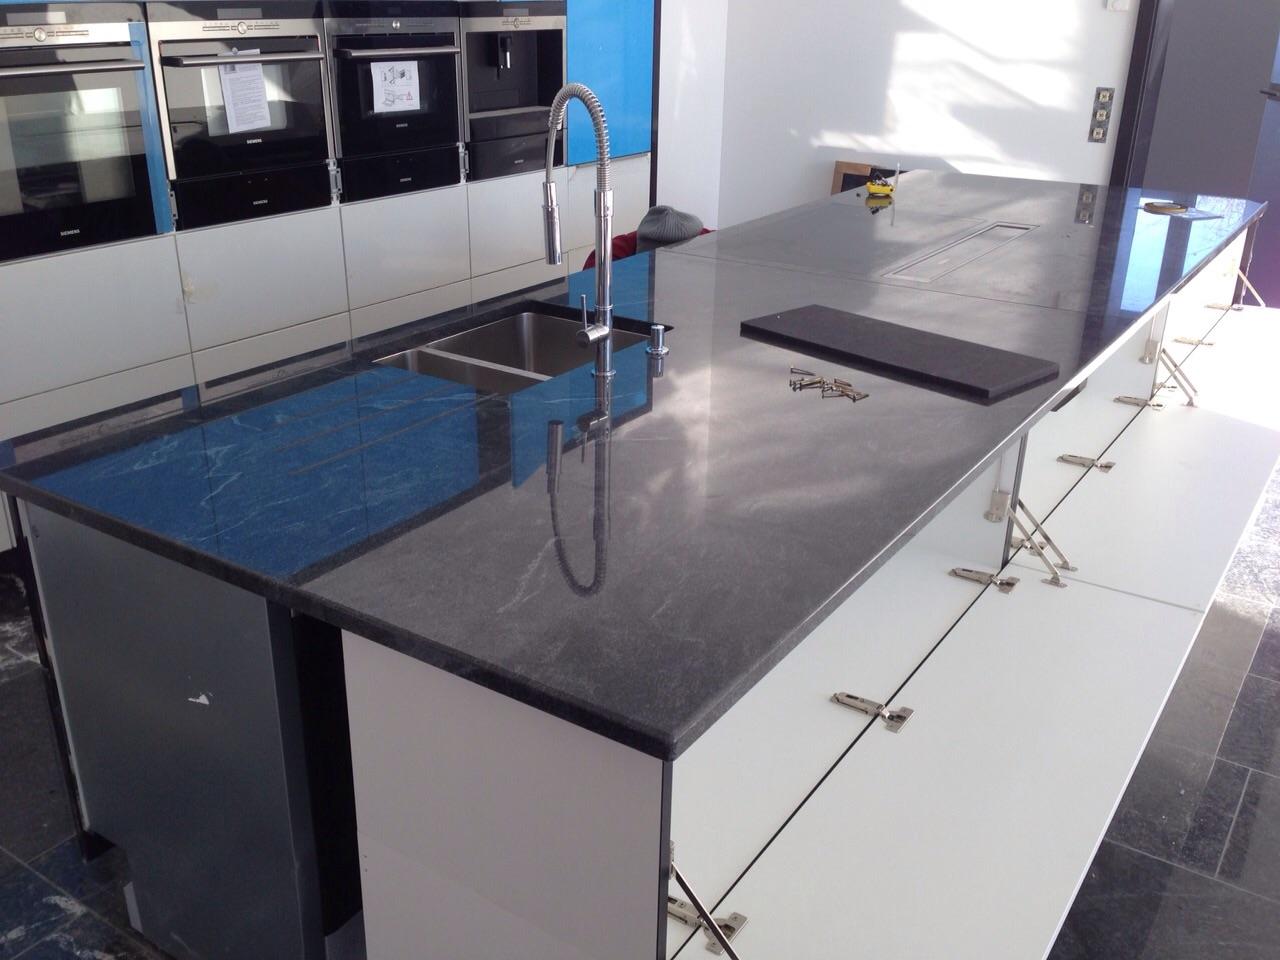 Küchenarbeitsplatten   trivunovic gmbh spaichingen